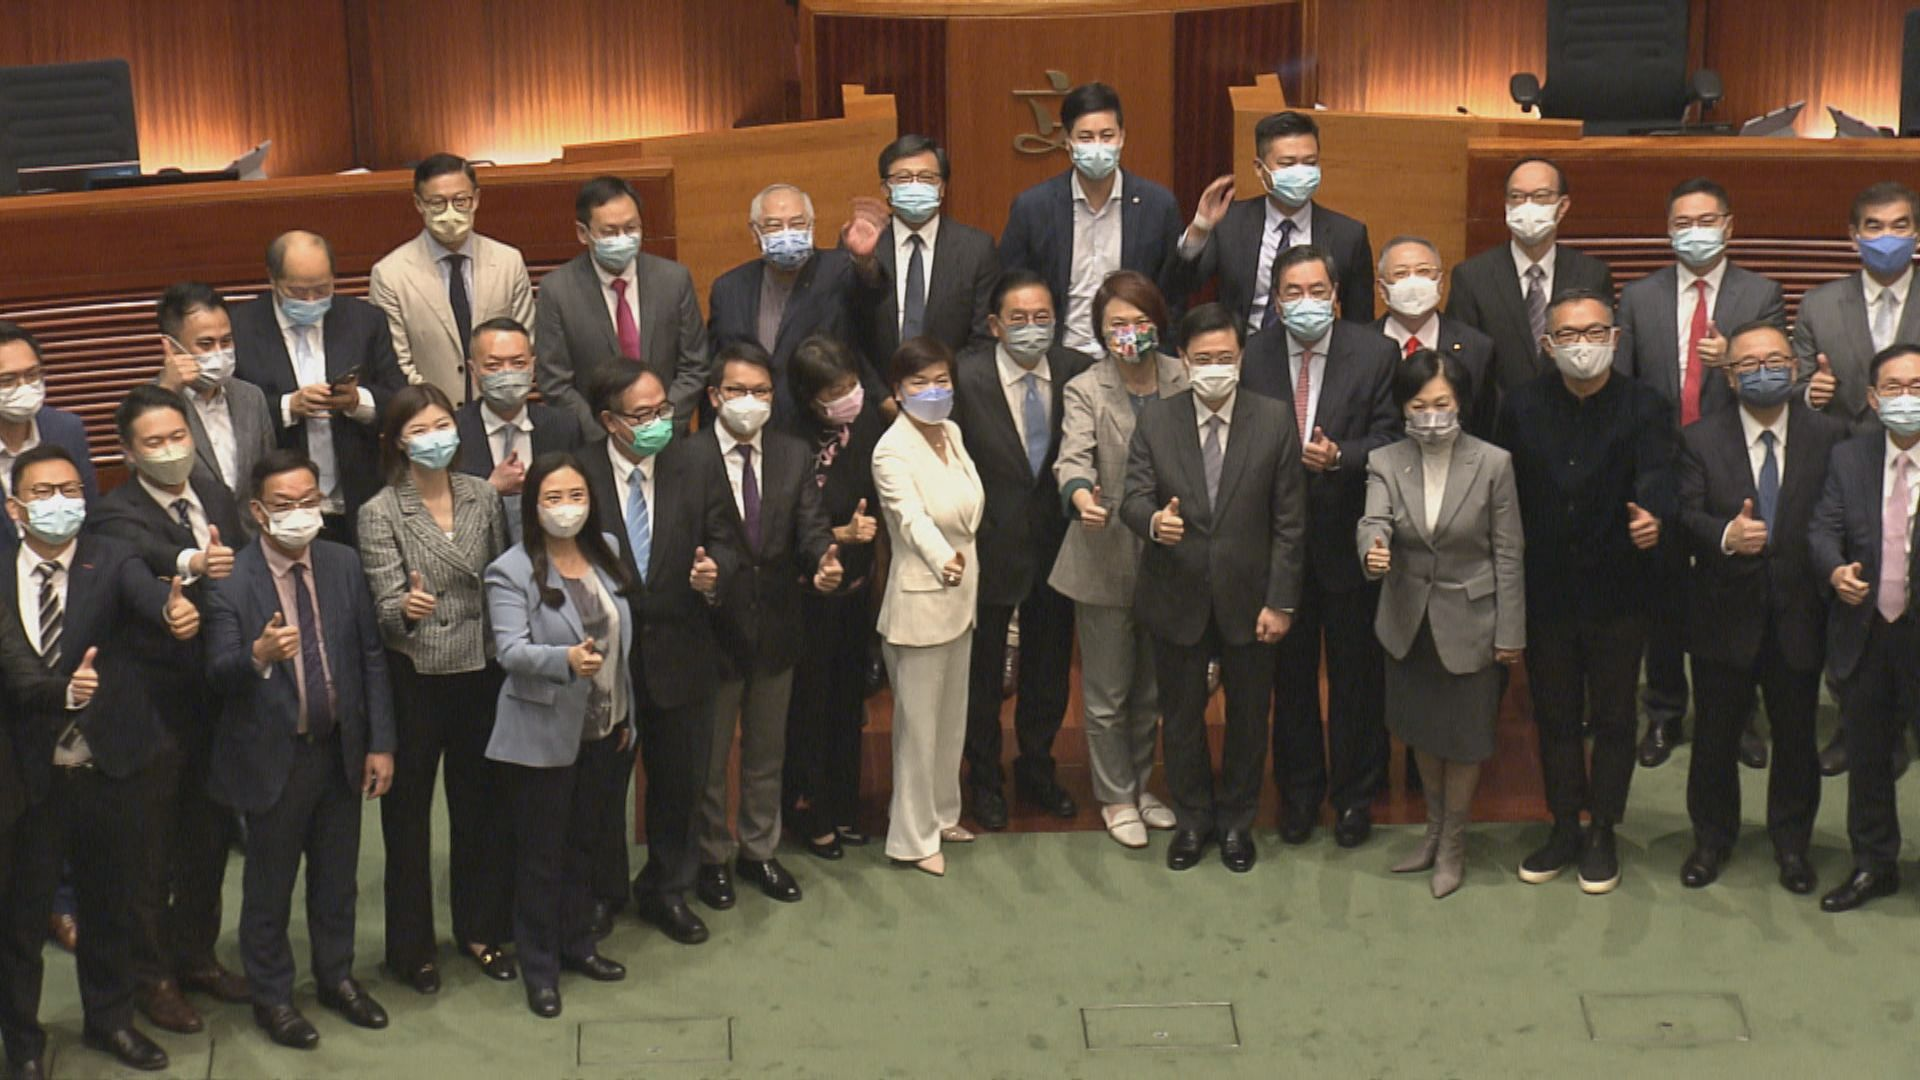 立法會辯告別議案 建制指議會無民主派令運作重回正軌